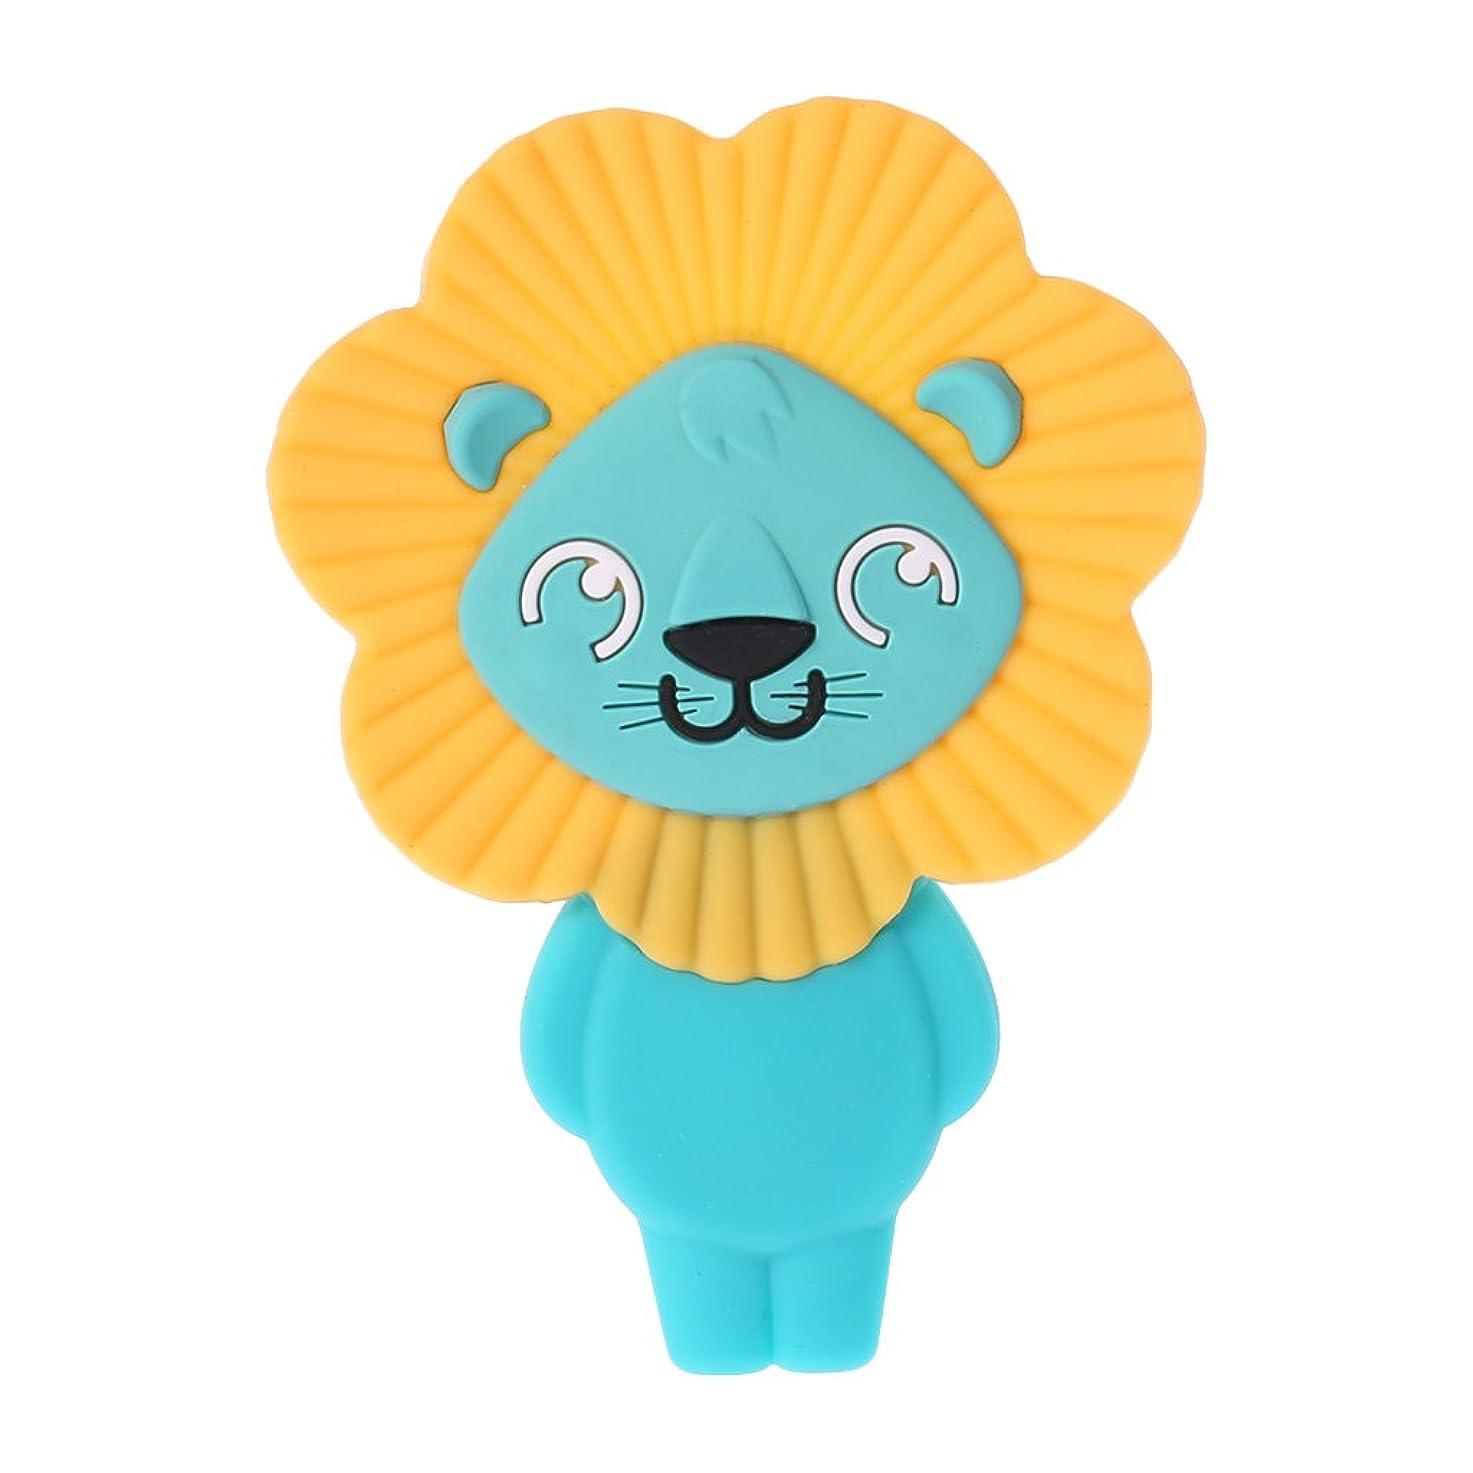 ゆりかごうまくやる()宿るLanddumシリコーンおしゃぶりかわいいライオンのおしゃぶり赤ちゃん看護玩具かむ玩具歯が生えるガラガラ玩具